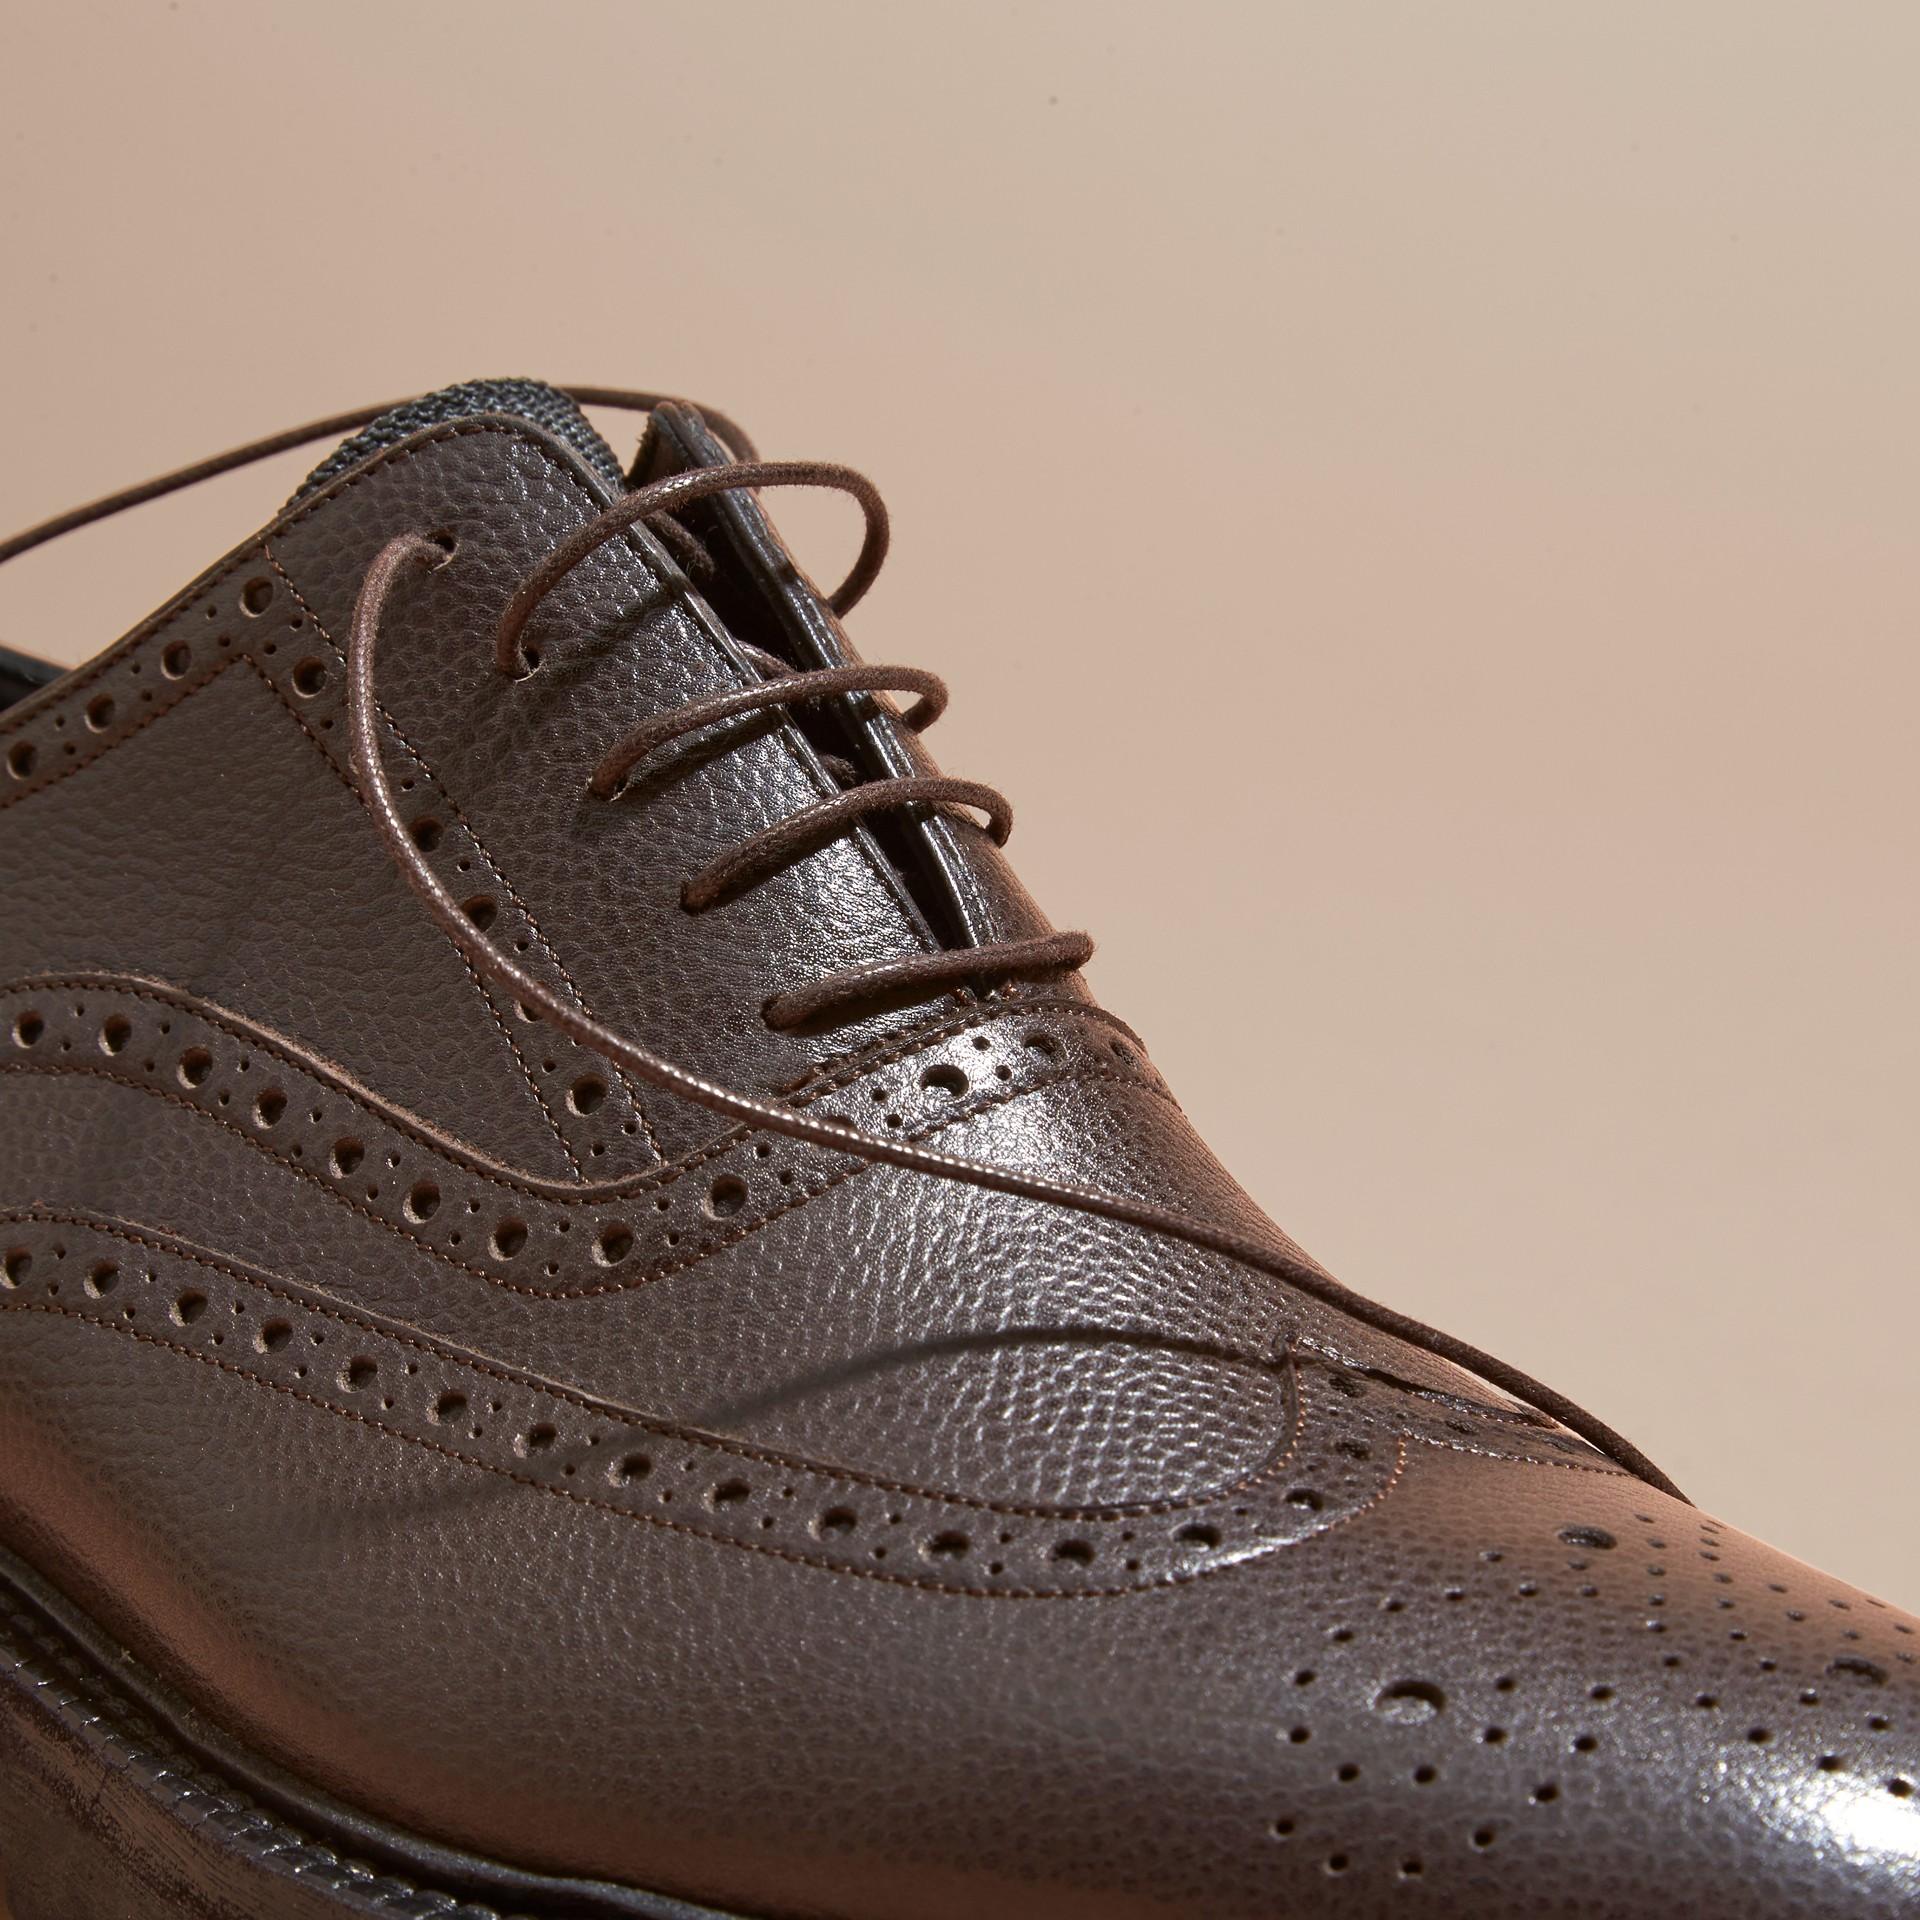 Chocolat amer Chaussures Richelieu en cuir grené à bout golf avec semelles en caoutchouc Chocolat Amer - photo de la galerie 2